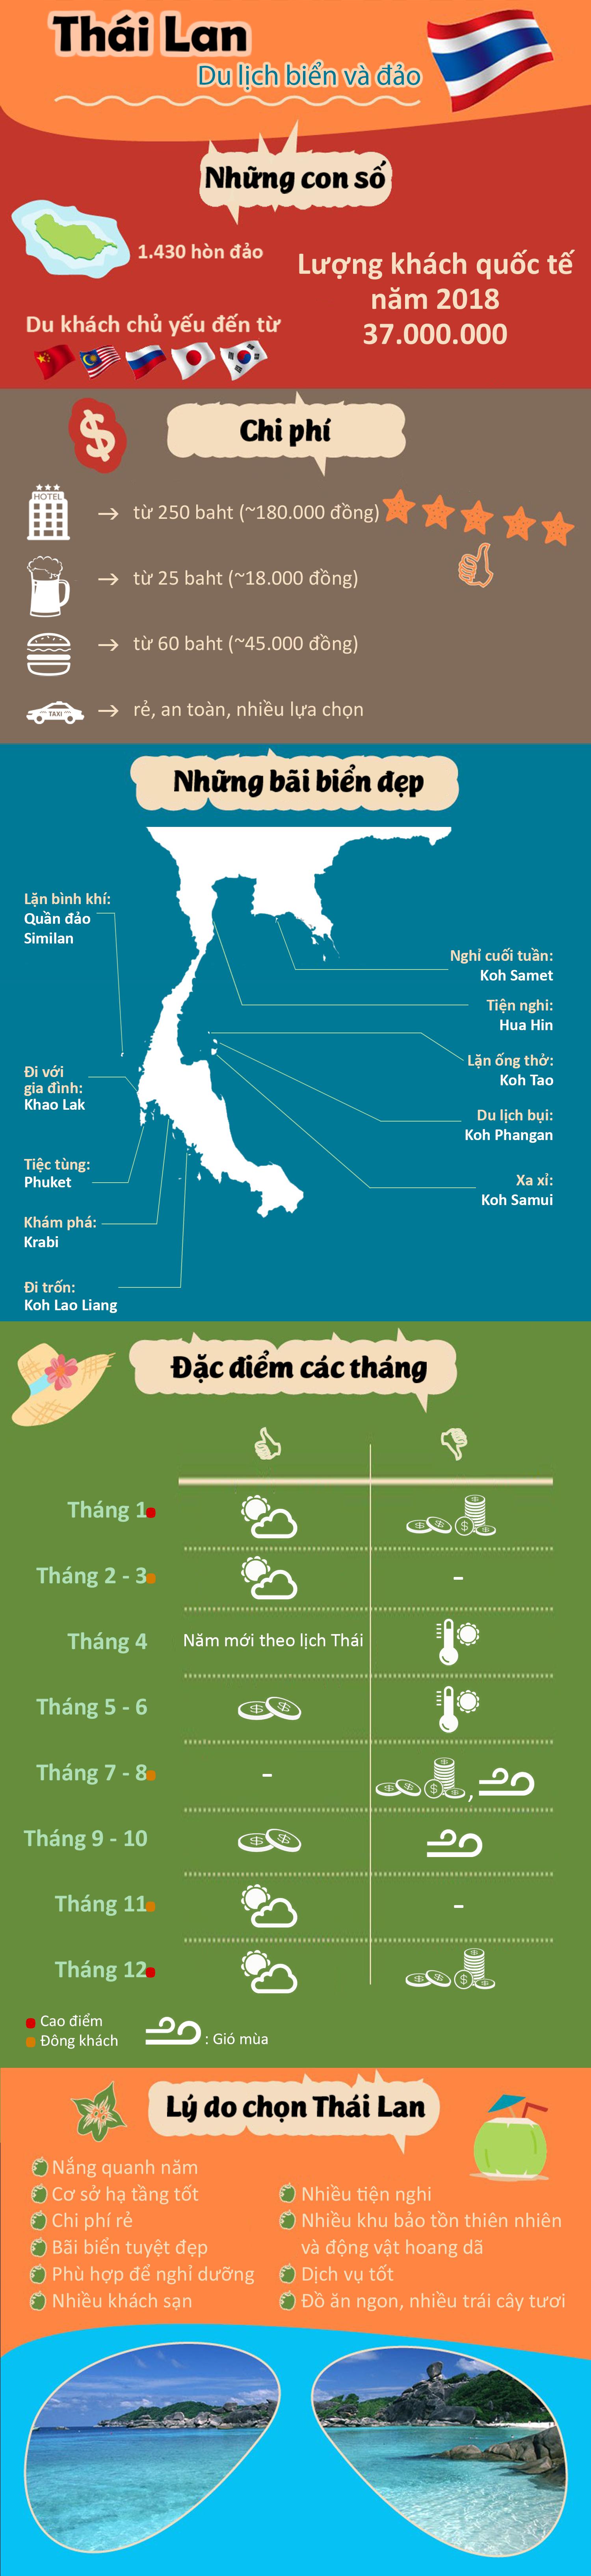 thai-lan-anh-moi-1551755998